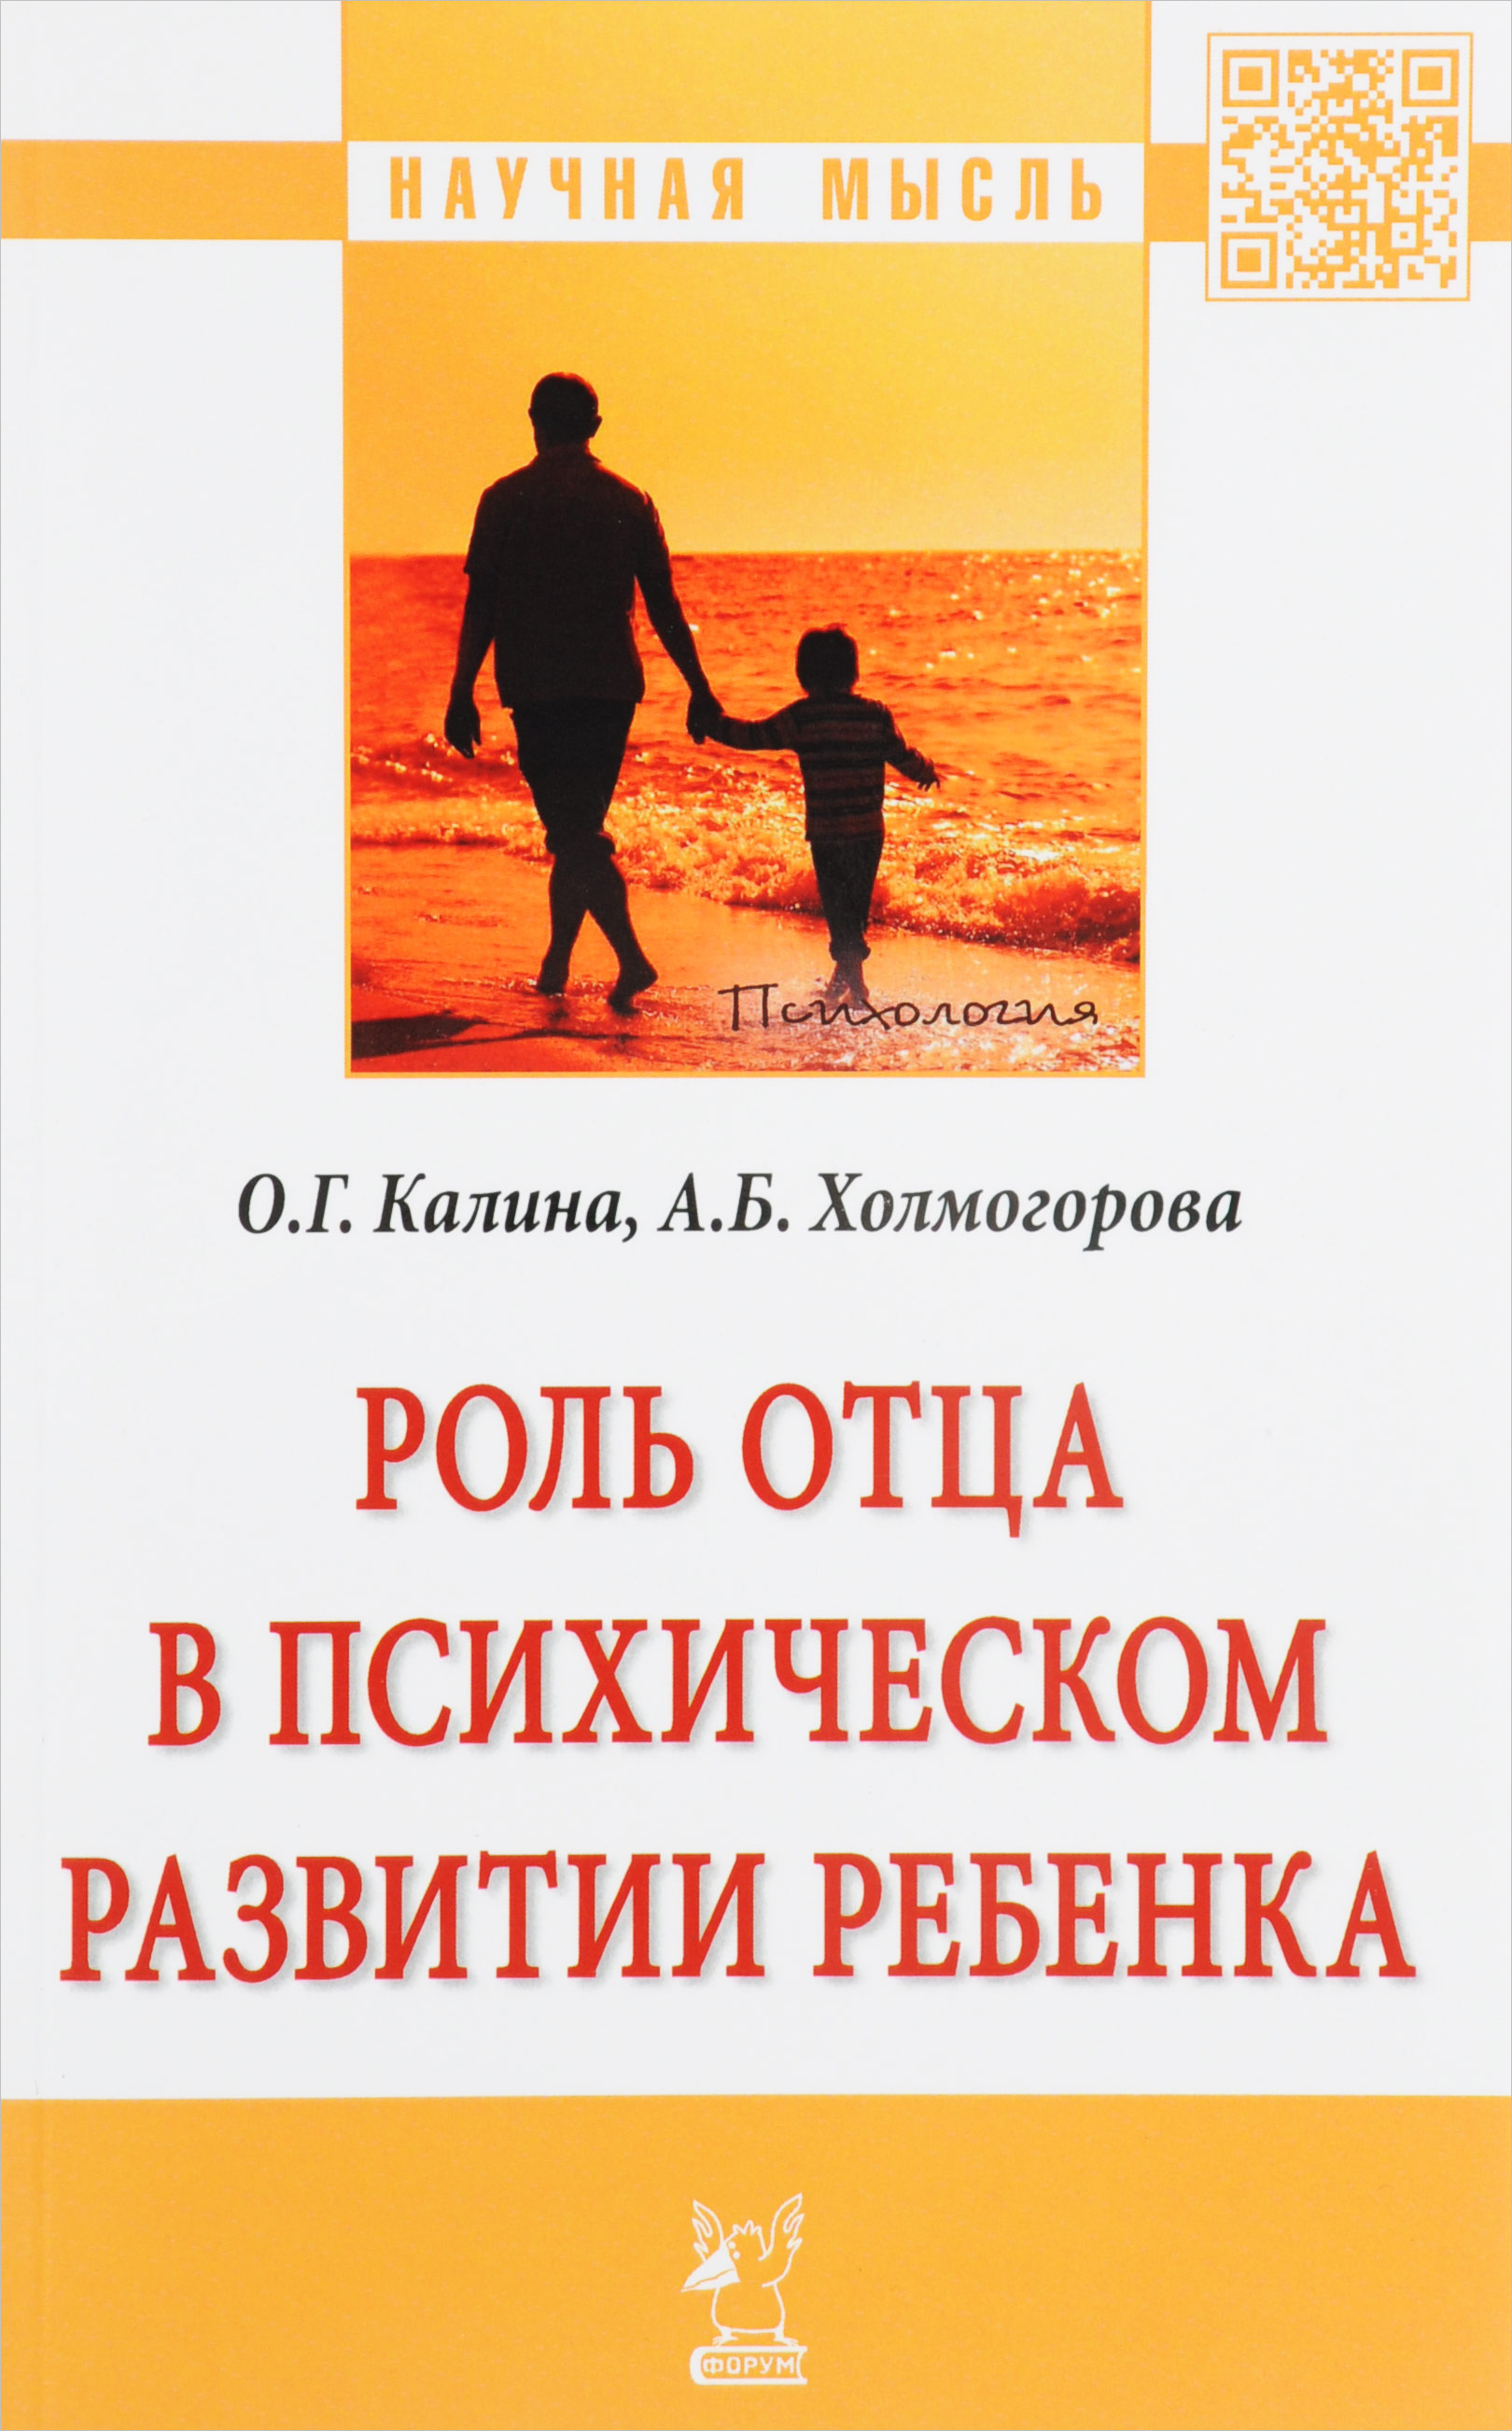 О. Г. Калина,А. Б. Холмогорова Роль отца в психическом развитии ребенка